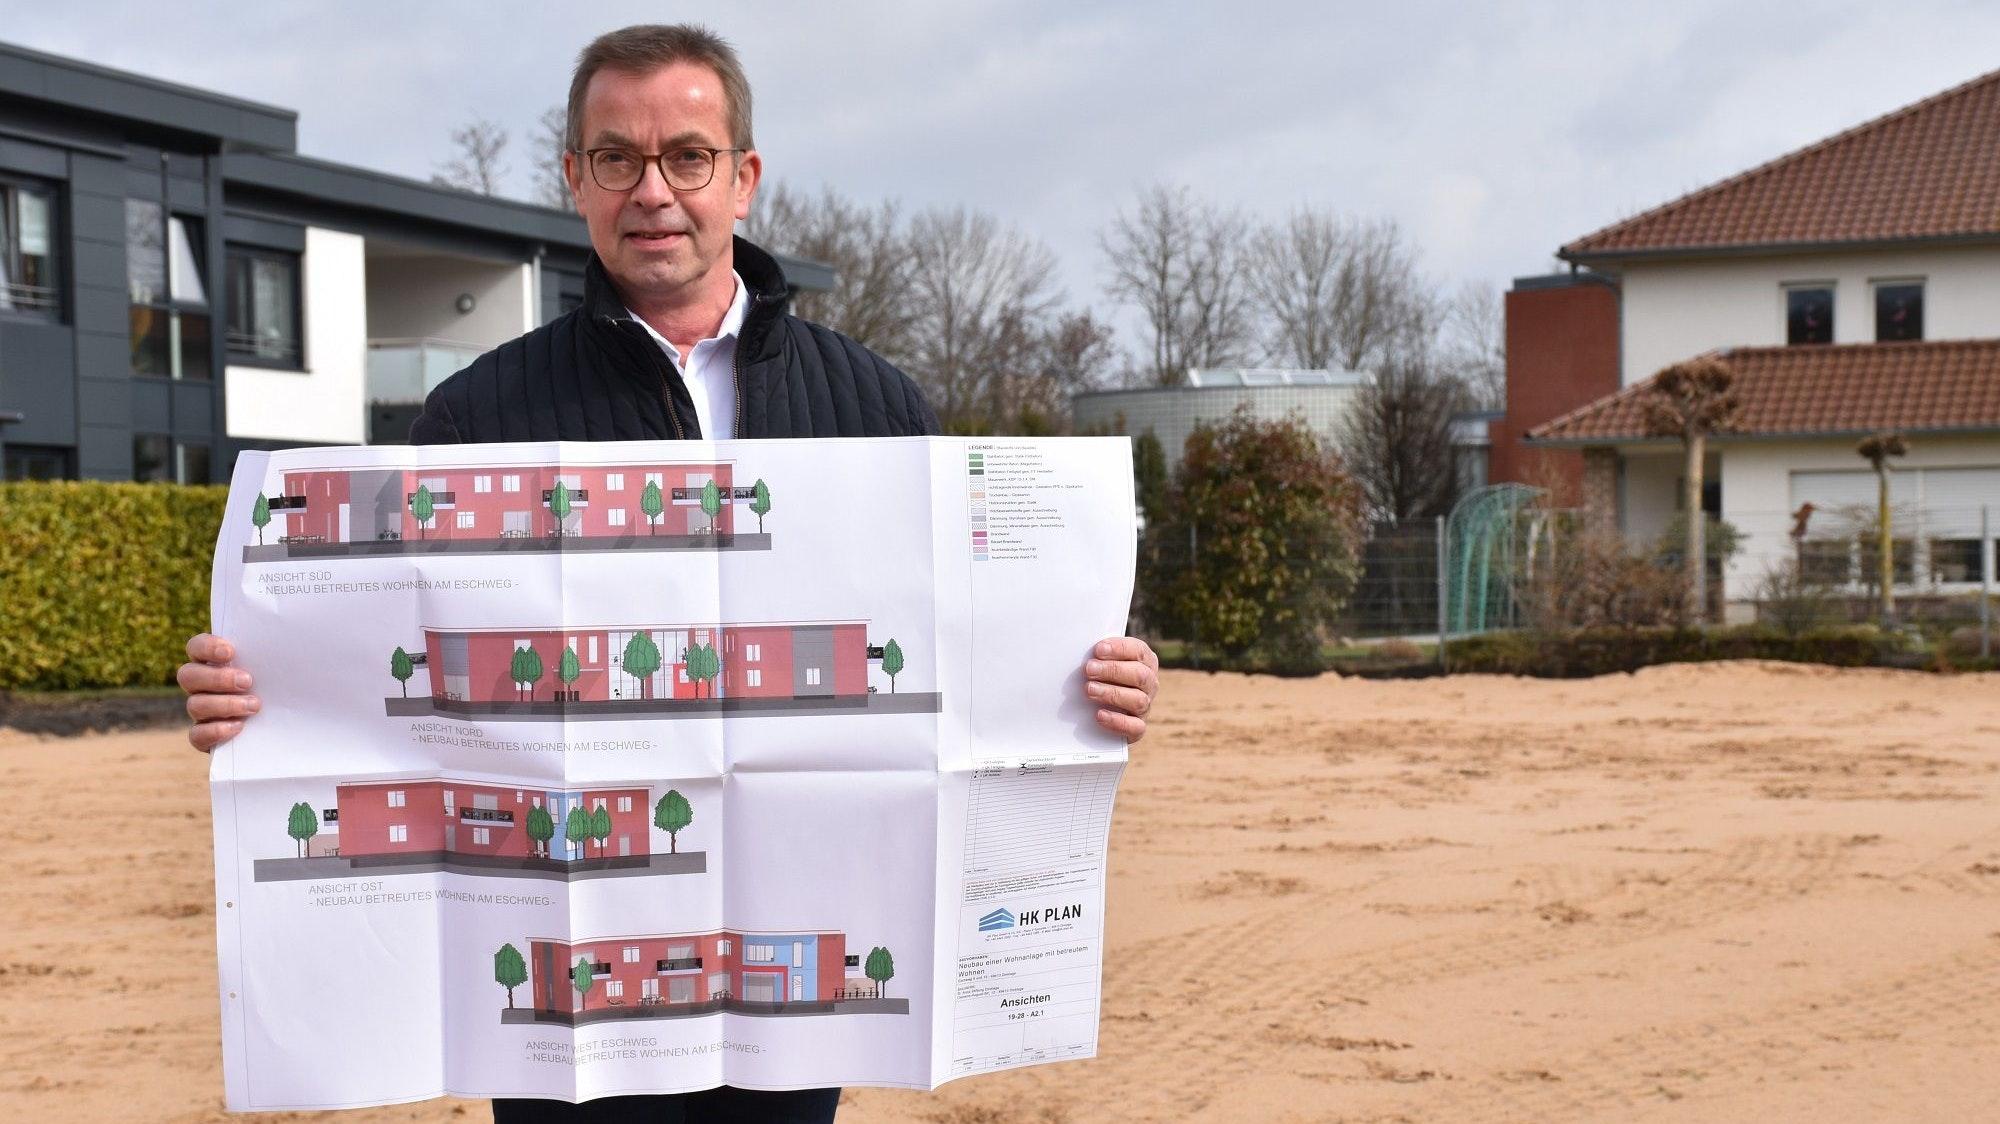 Mit den Entwürfen in der Hand: Stiftungsvorstand Werner Schulze freut sich auf den Neubau für betreutes Wohnen am Eschweg in Dinklage. Foto: Böckmann